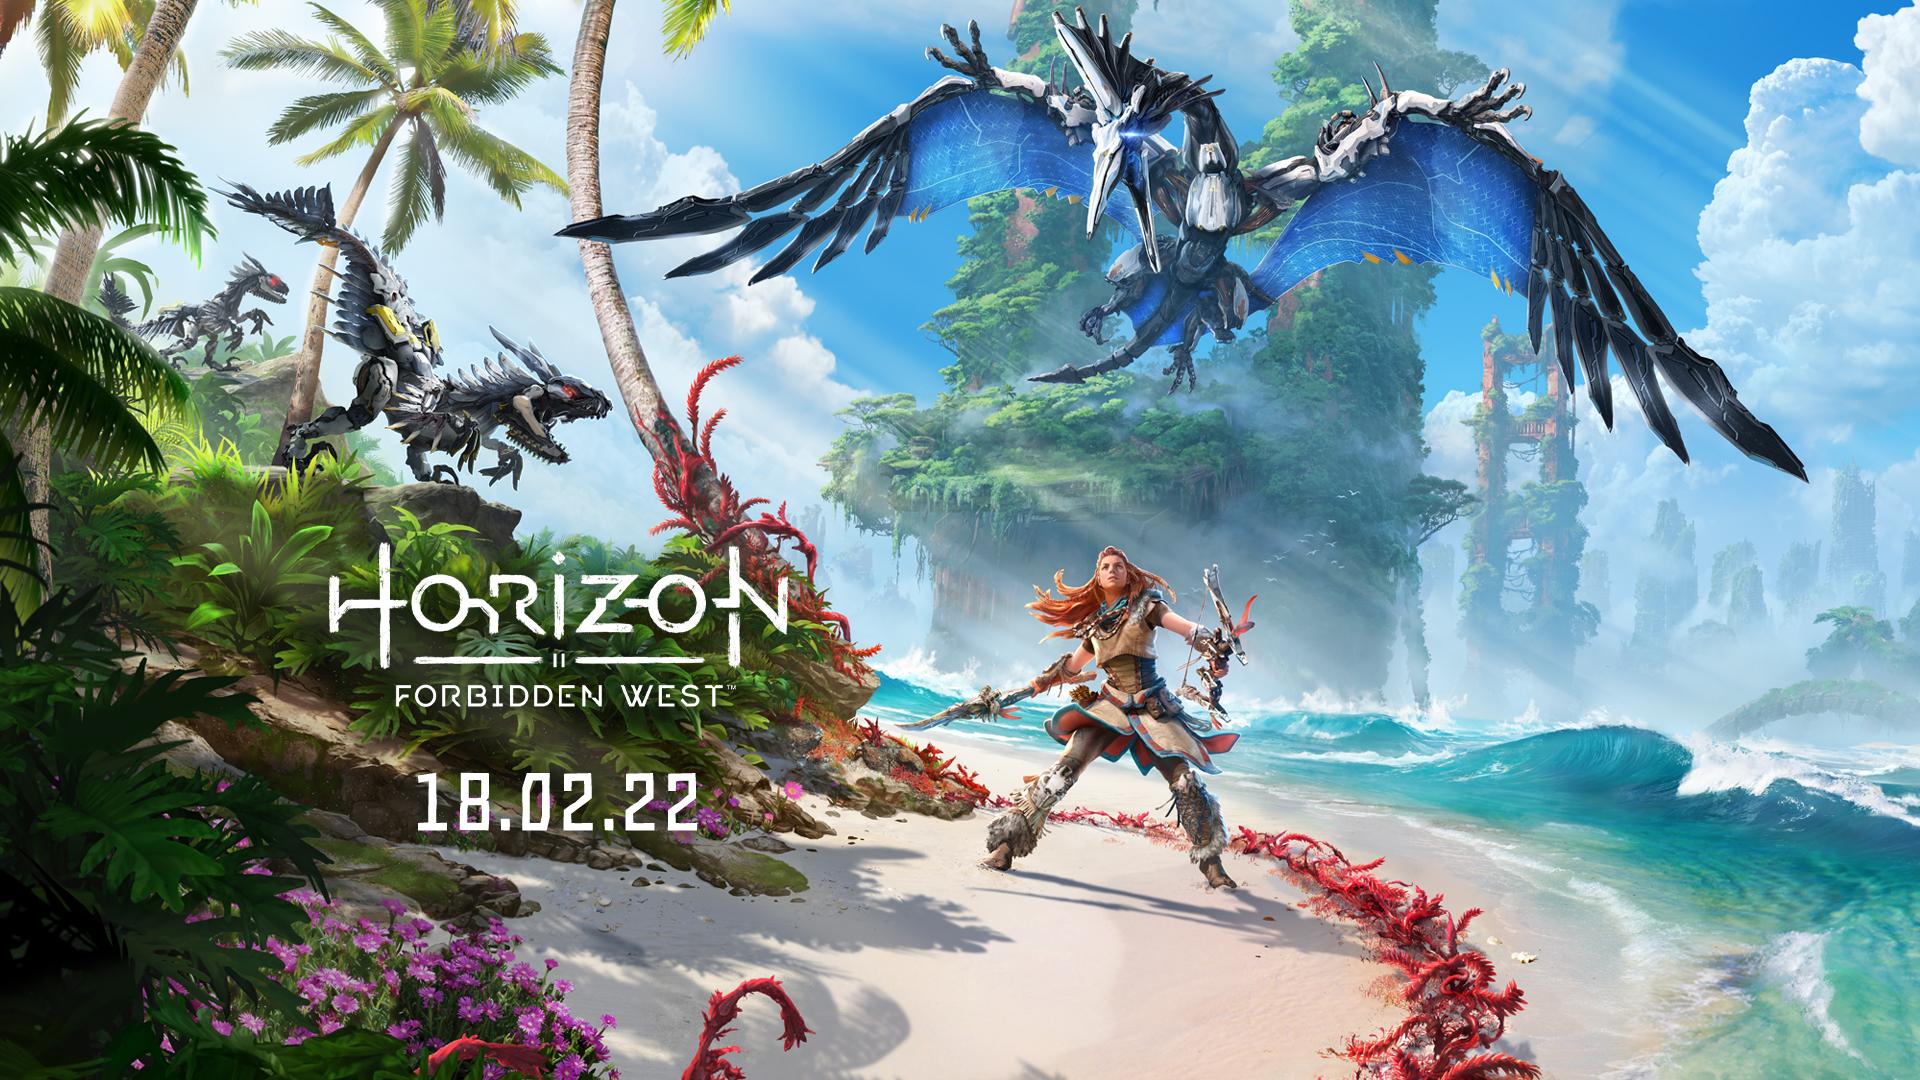 Гра вийде на PS4 та PS5 / фото twitter.com/PlayStation